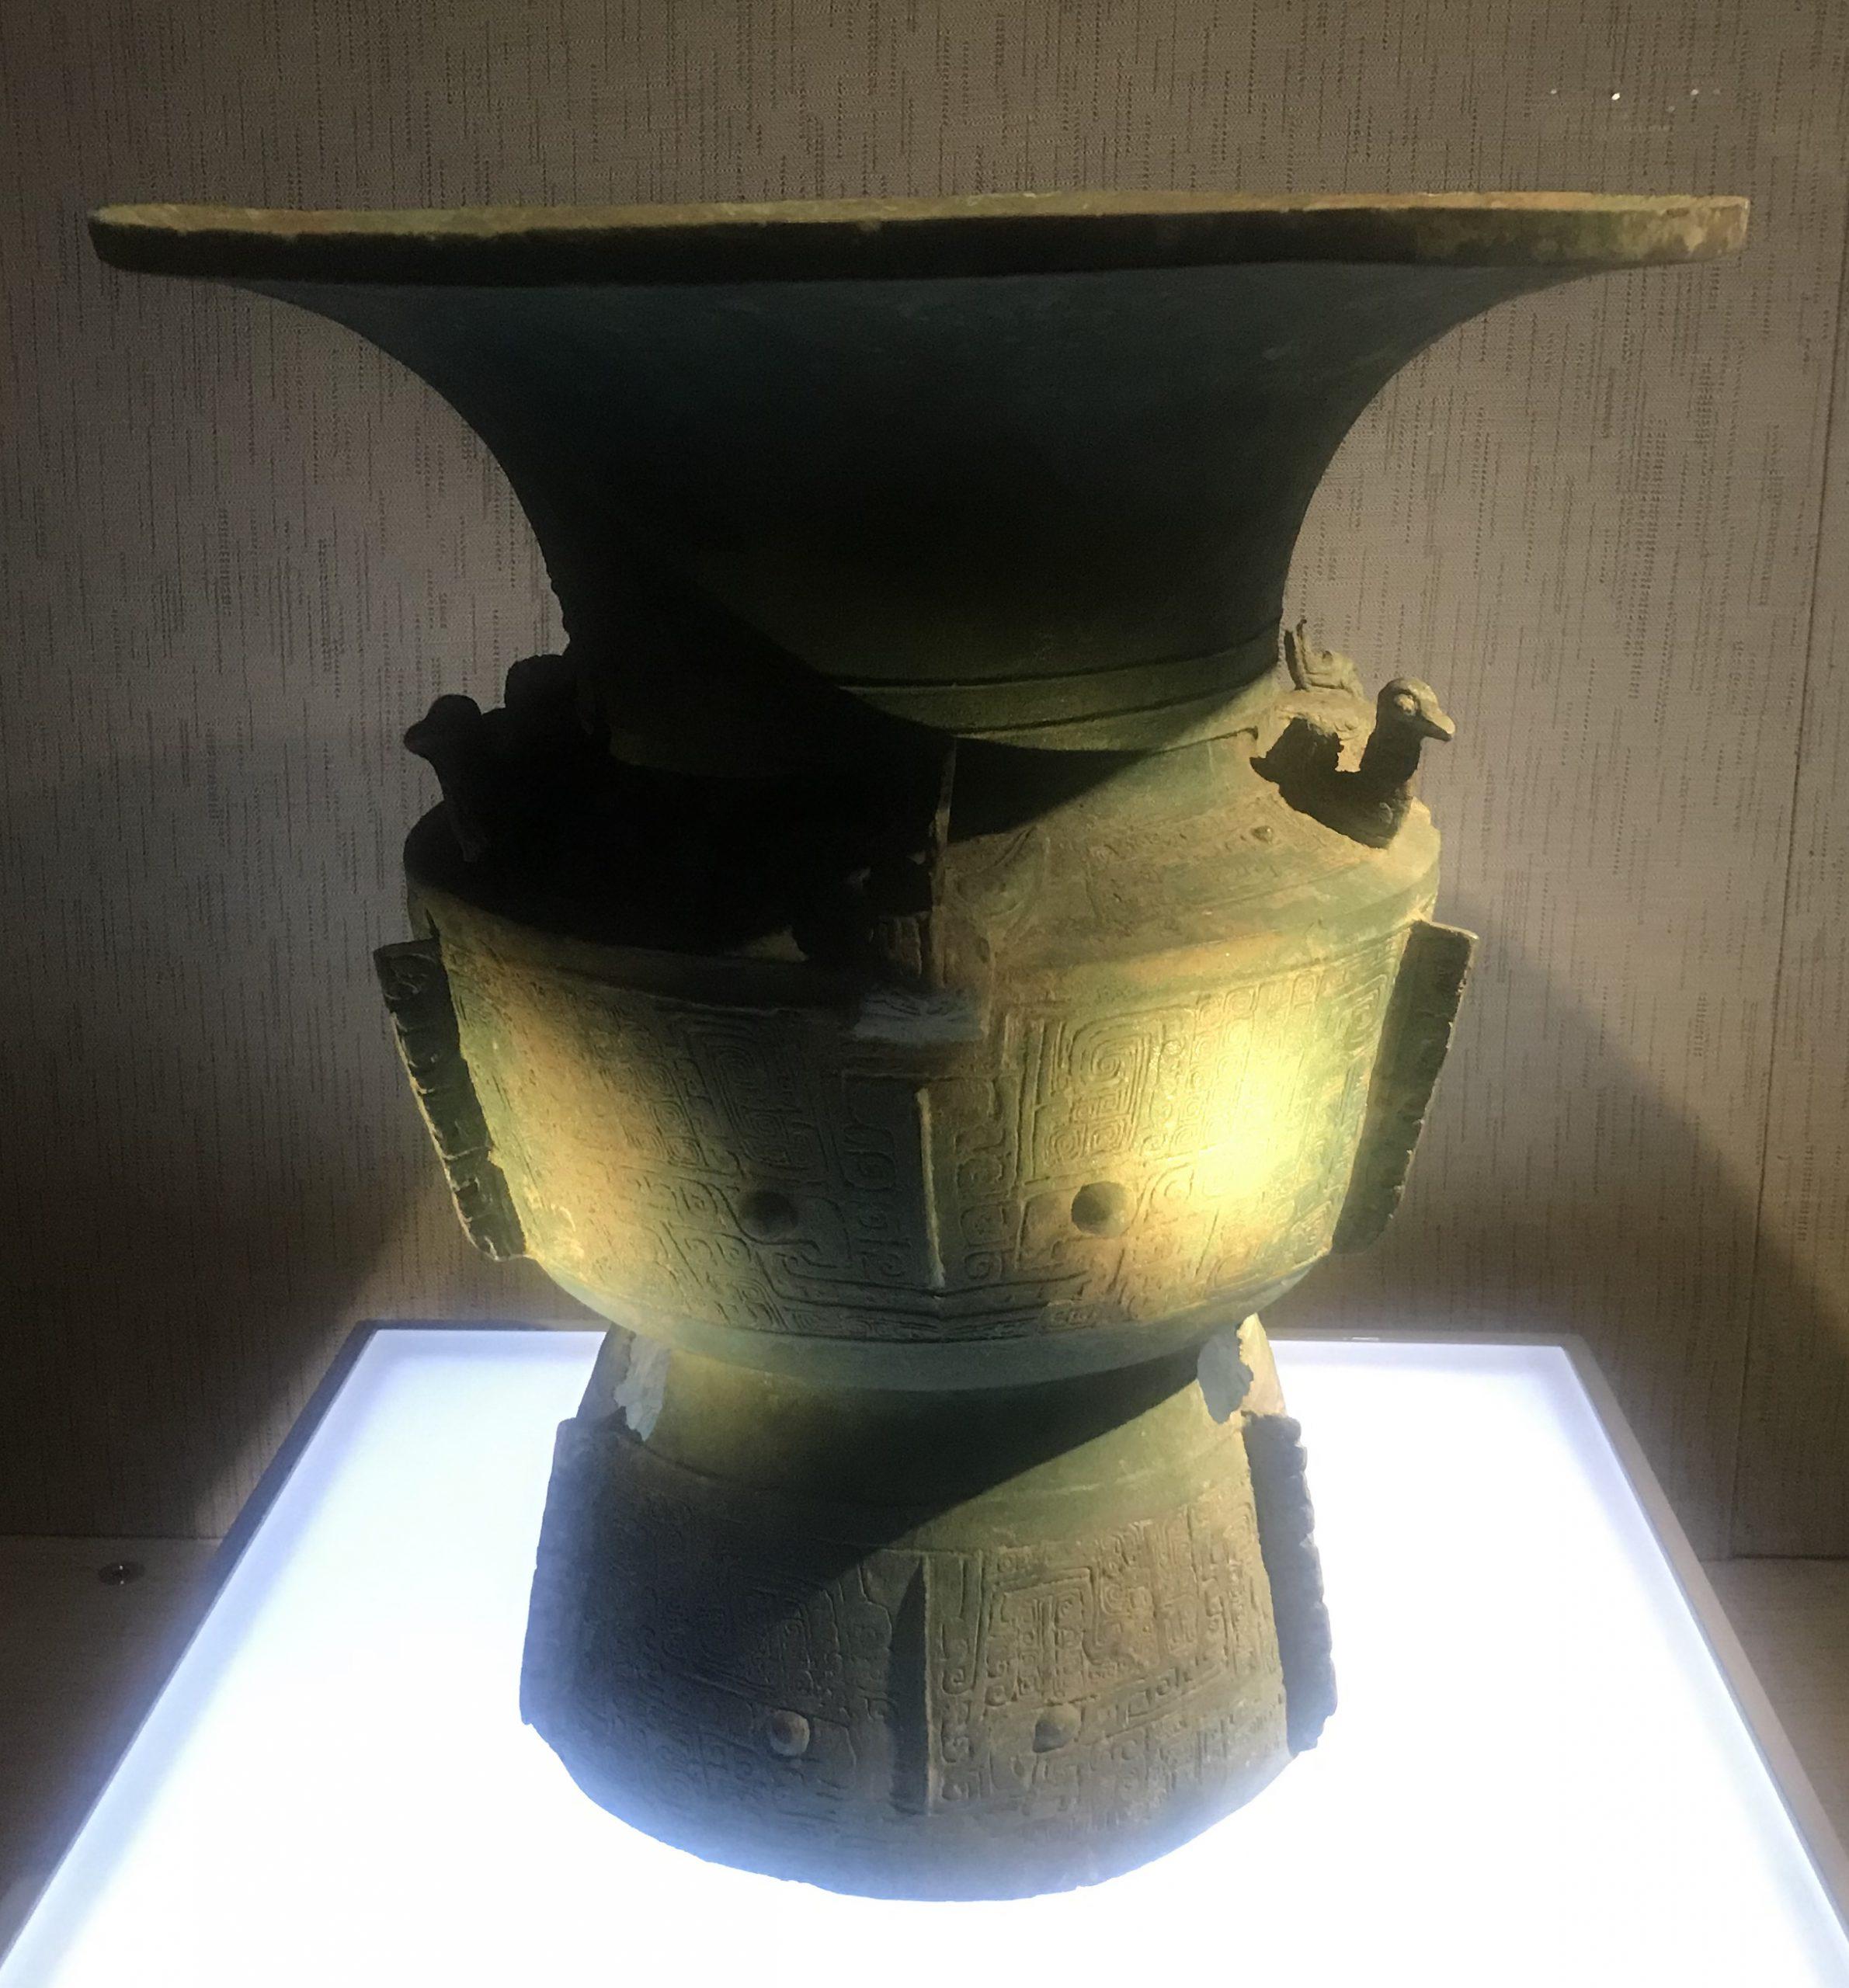 青銅尊セット-青銅器館-三星堆博物館-広漢市-徳陽市-四川省